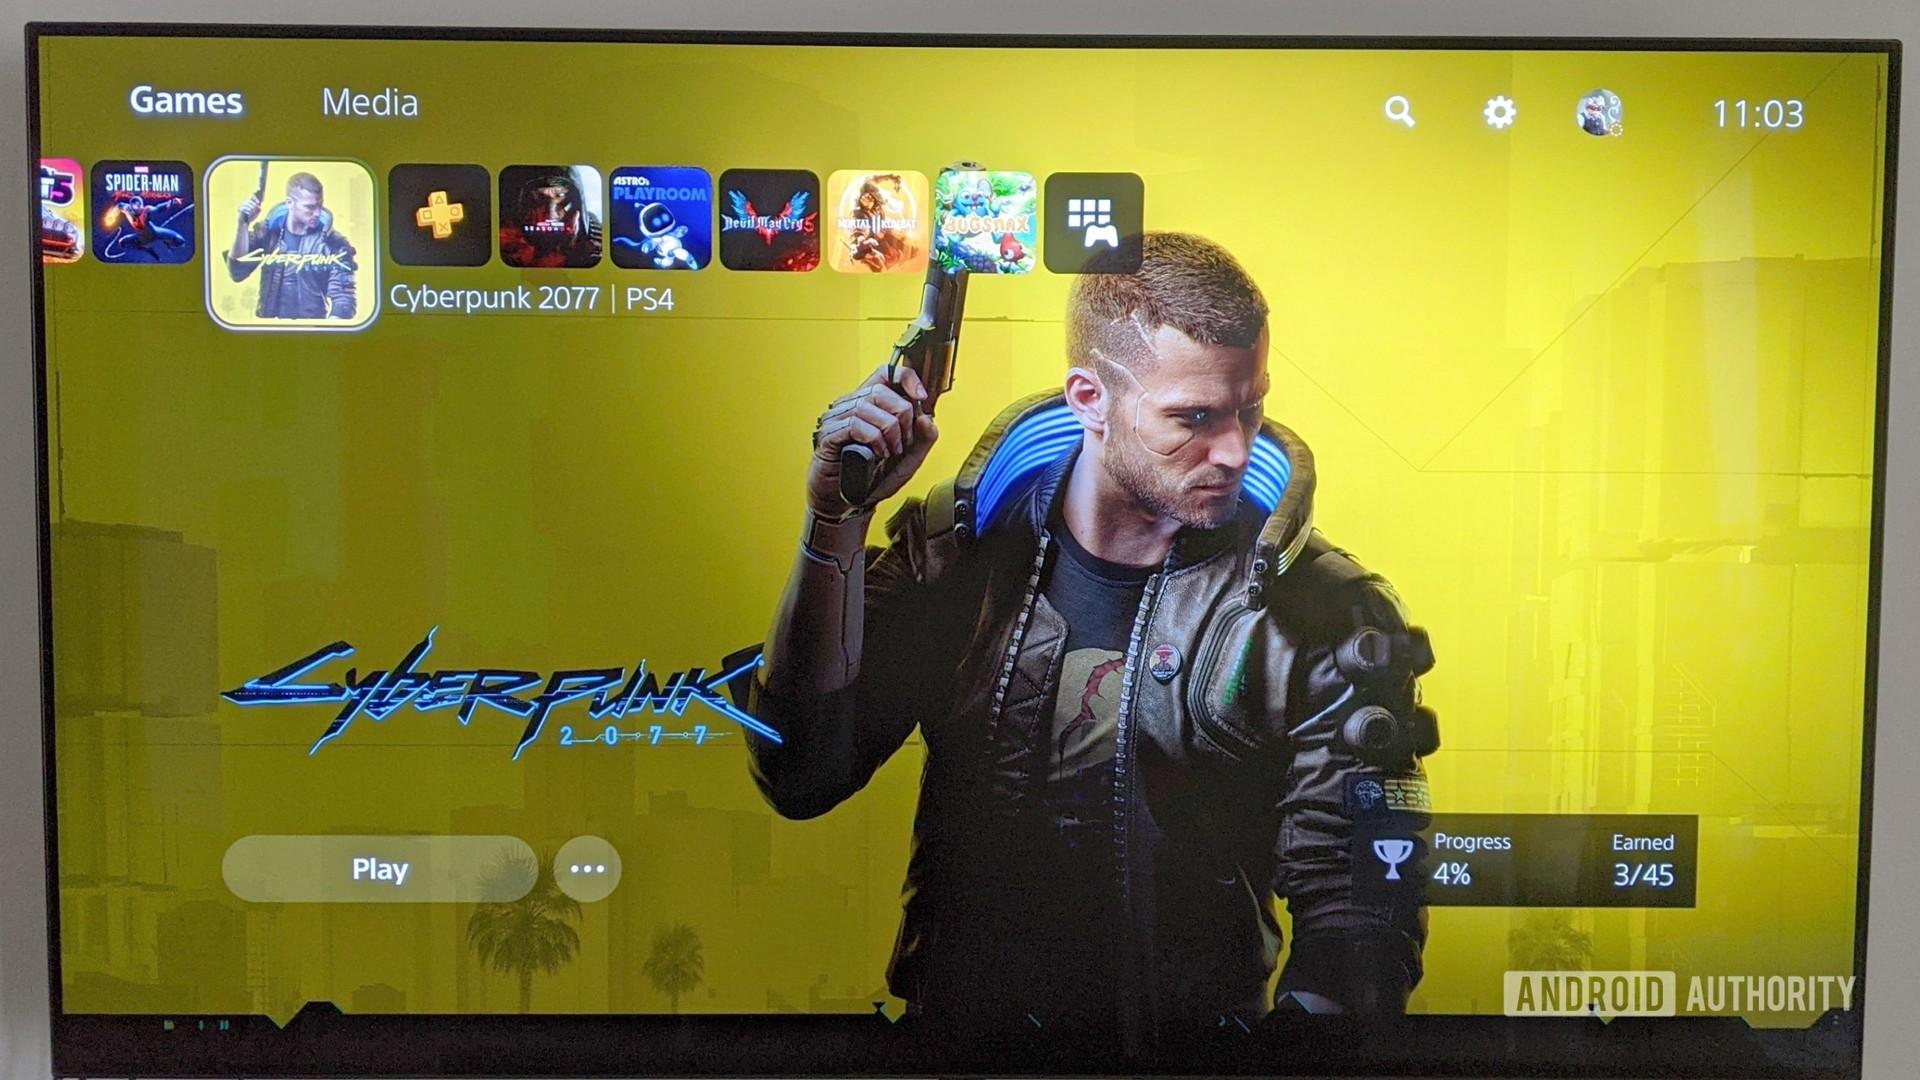 Cyberpunk 2077 on Playstation 5